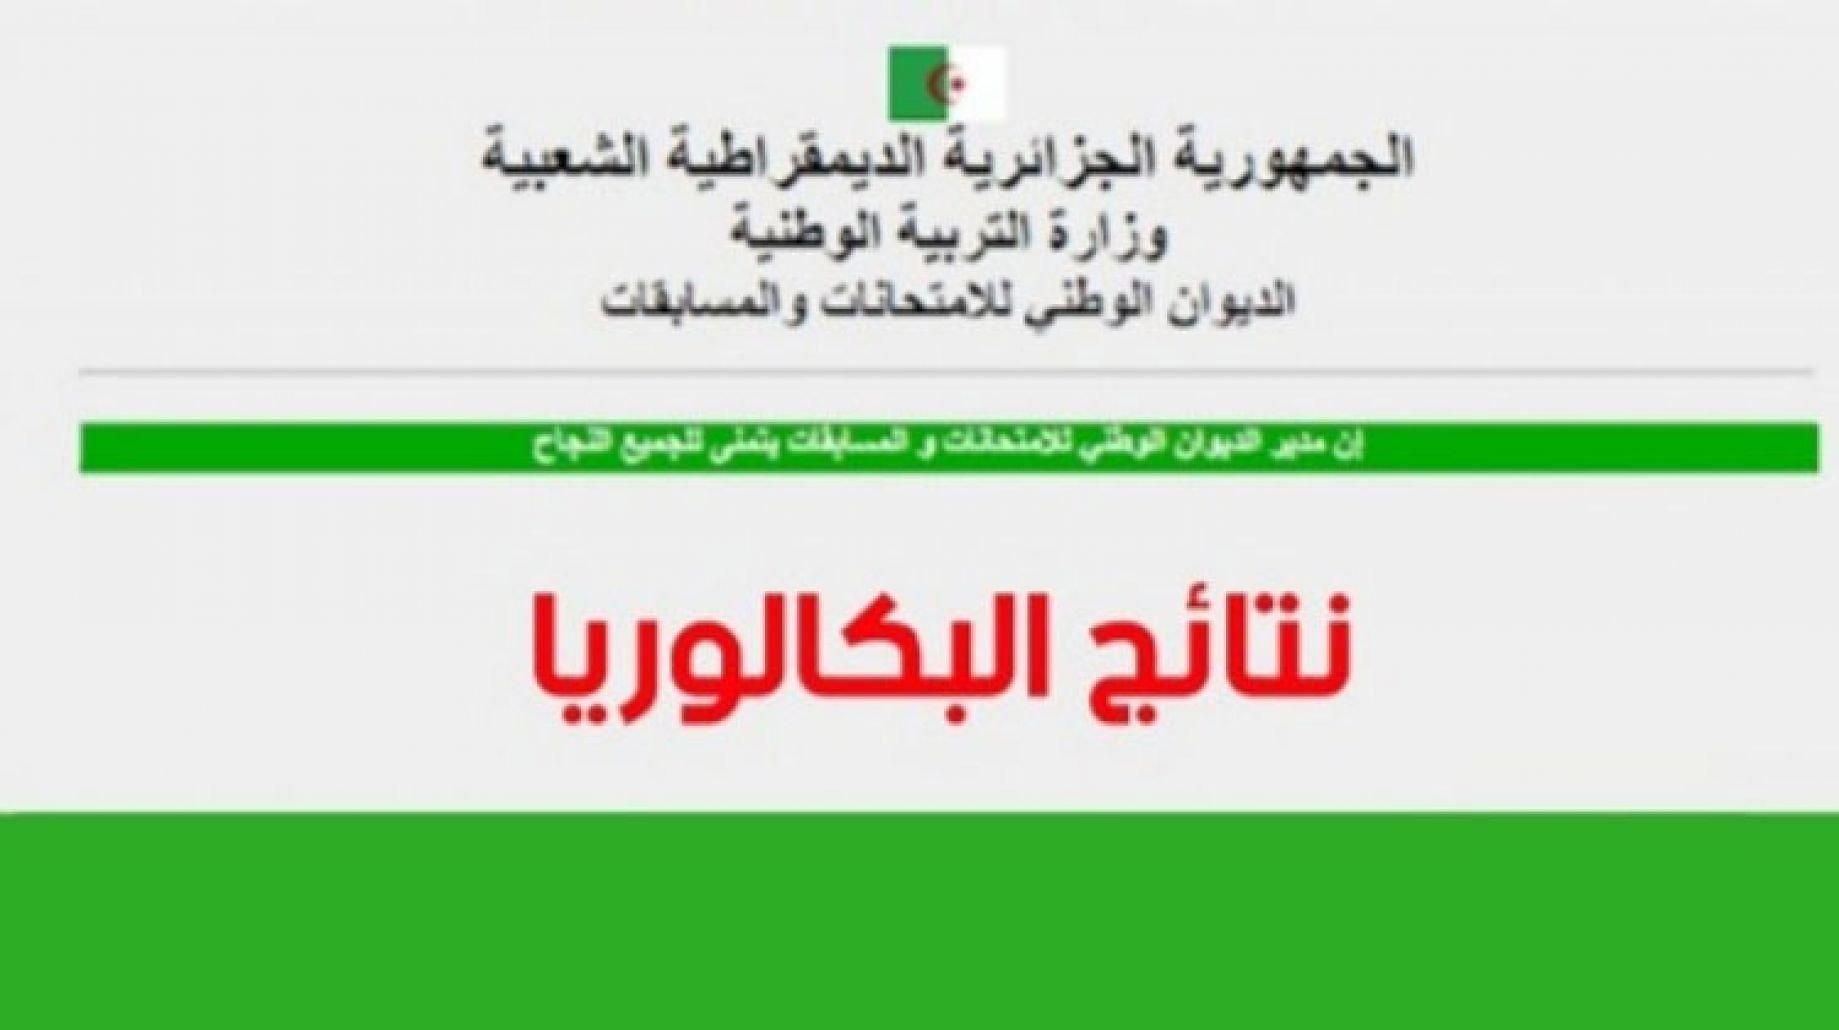 رابط الموقع الرسمي لنتائج البكالوريا 2021 لاستخراج كشف نقاط الطلاب المتمدرسين الجزائرين بالرقم السري